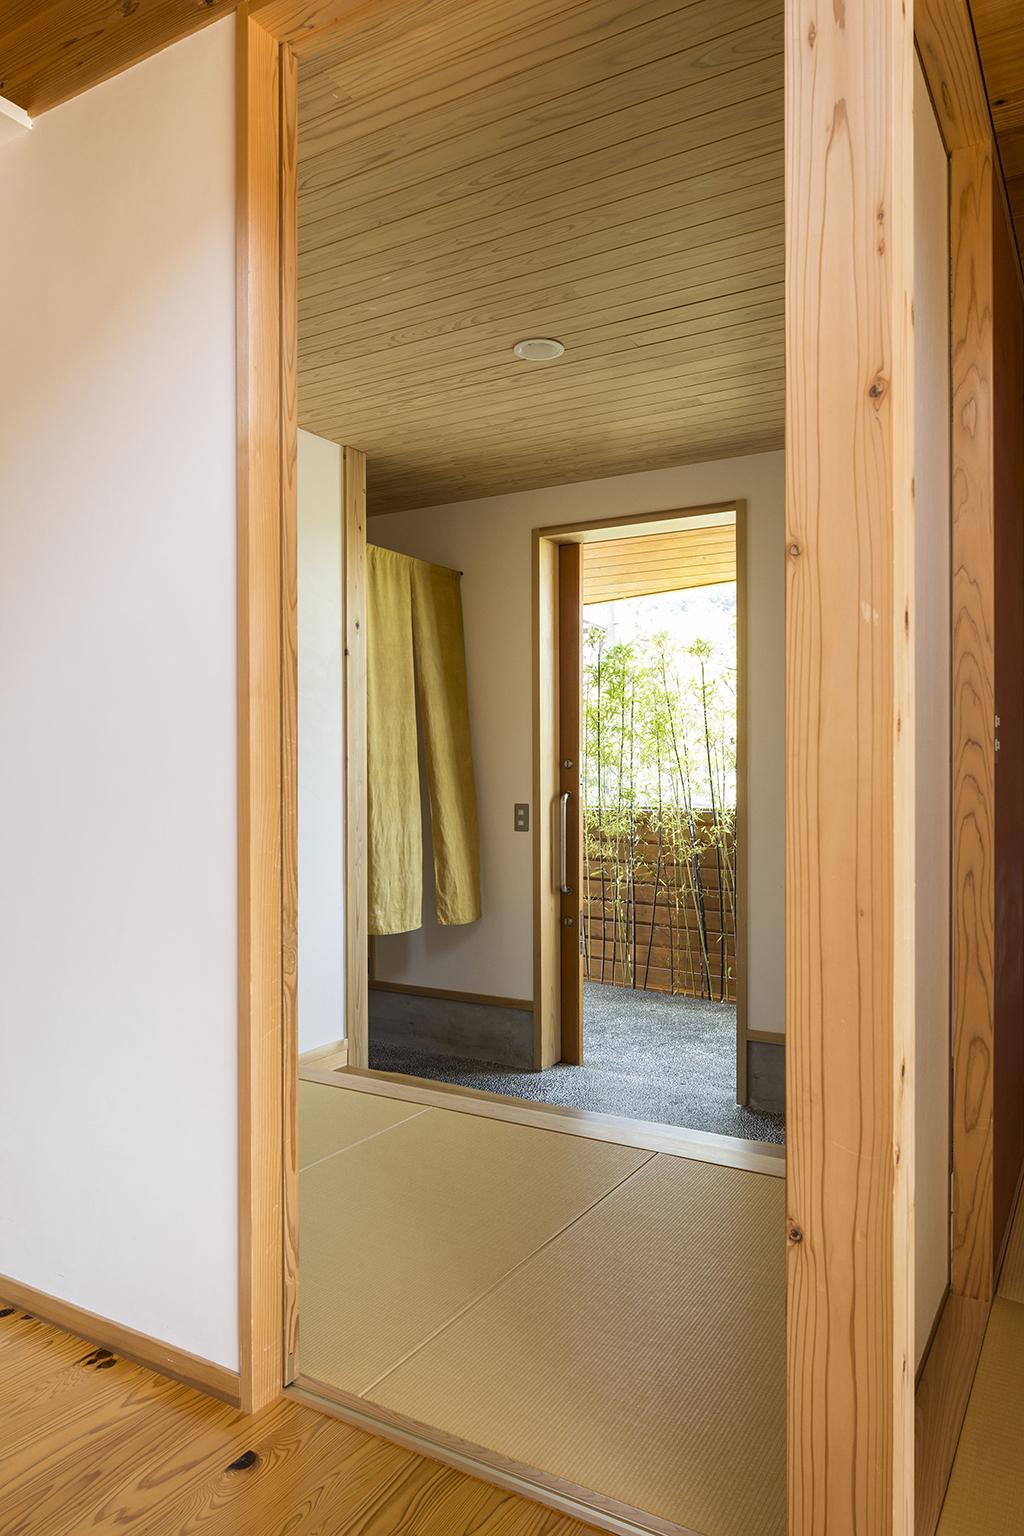 姫路市の木の家 畳敷きの玄関